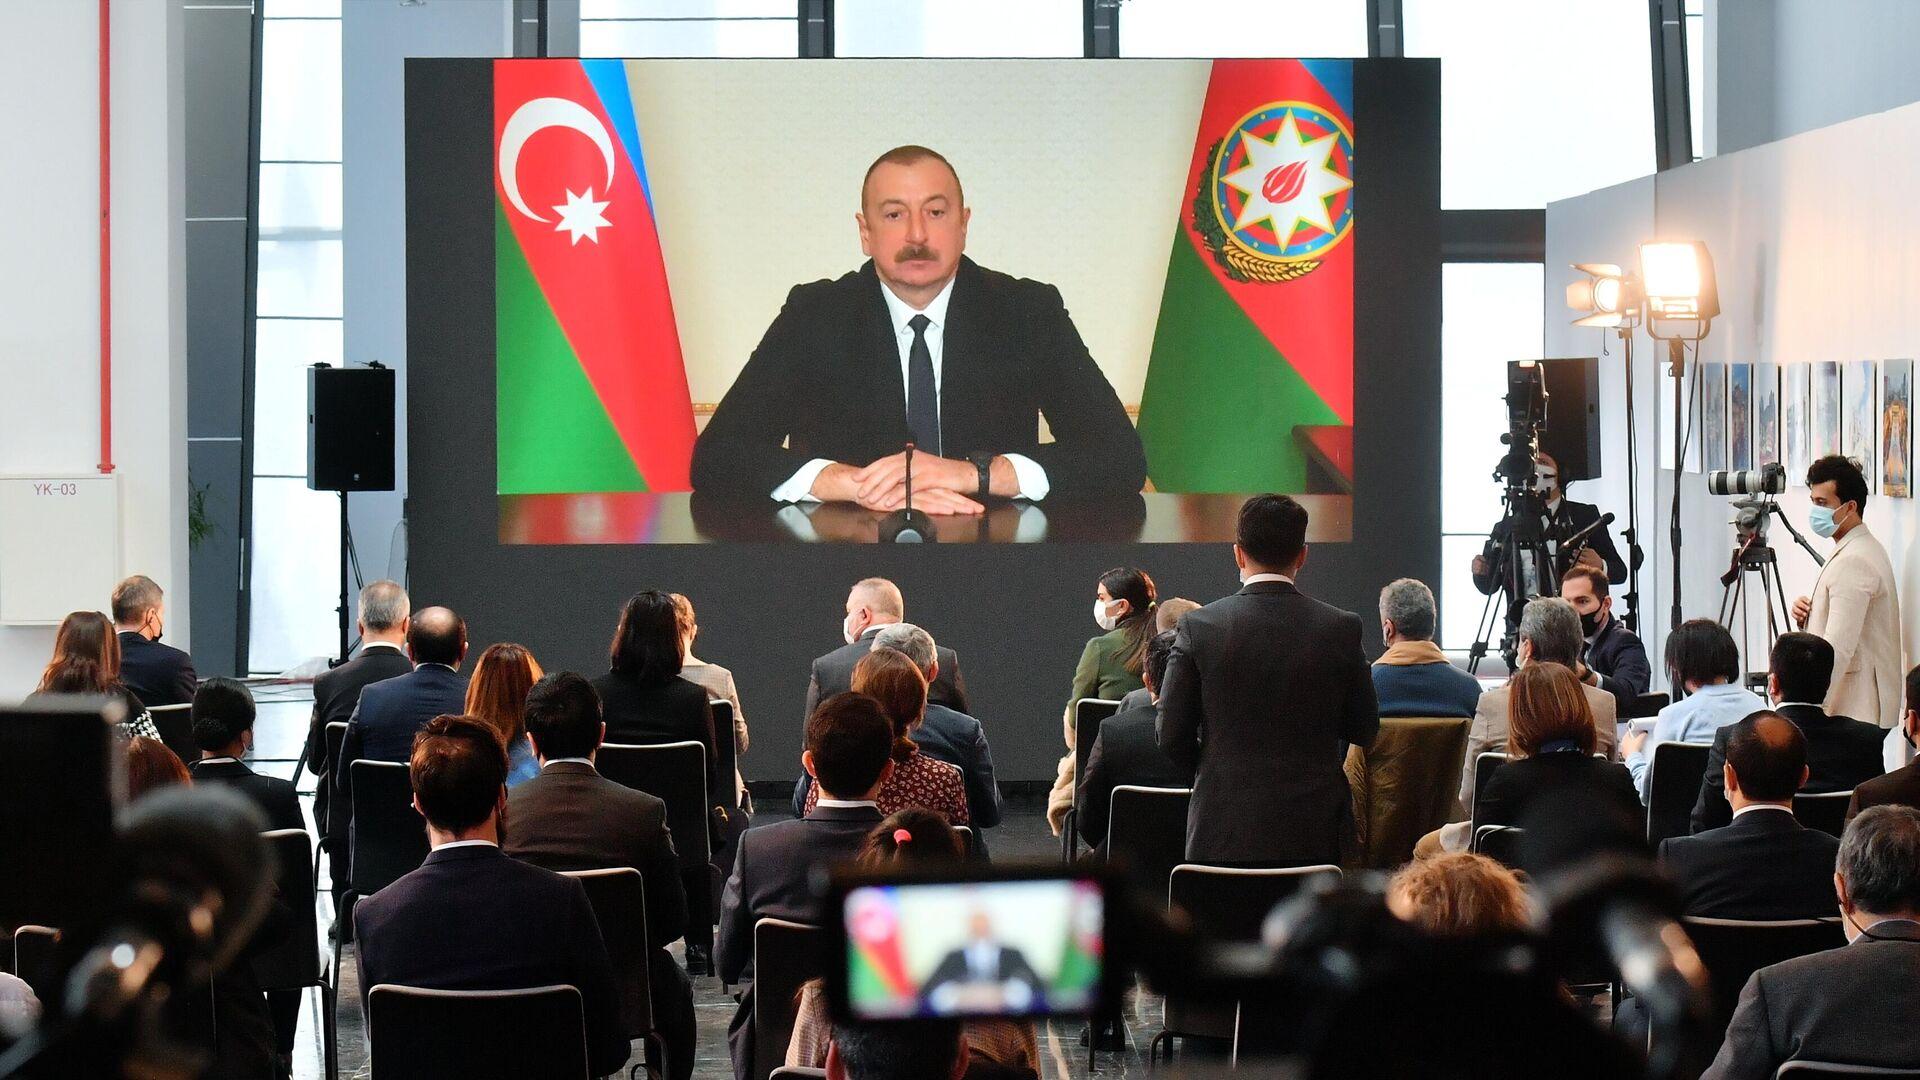 Журналисты во время пресс-конференции президента Азербайджана Ильхама Алиева в Баку - РИА Новости, 1920, 26.02.2021